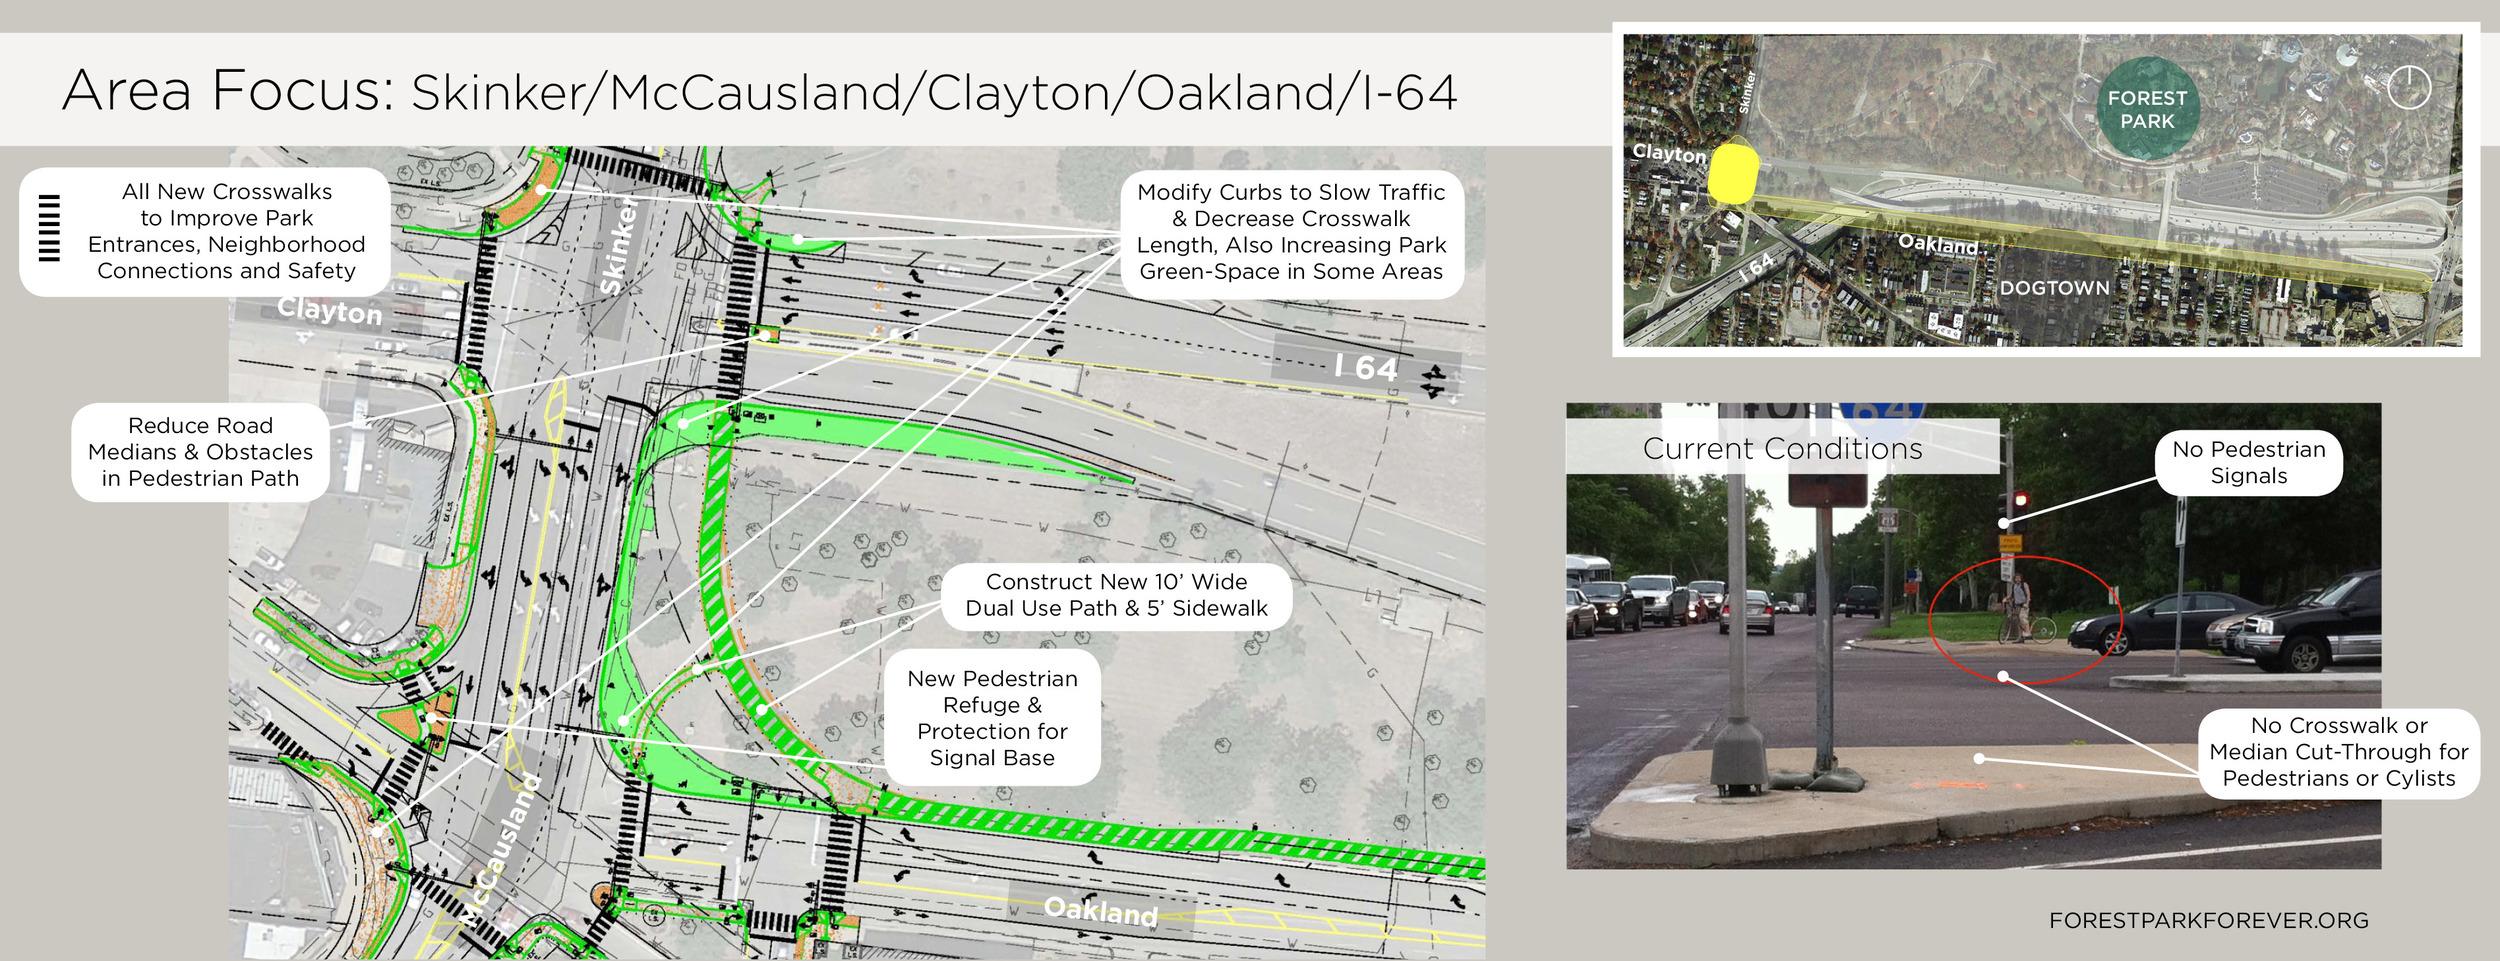 3. Forest Park Forever - Skinker Oakland - Focus 1.jpg